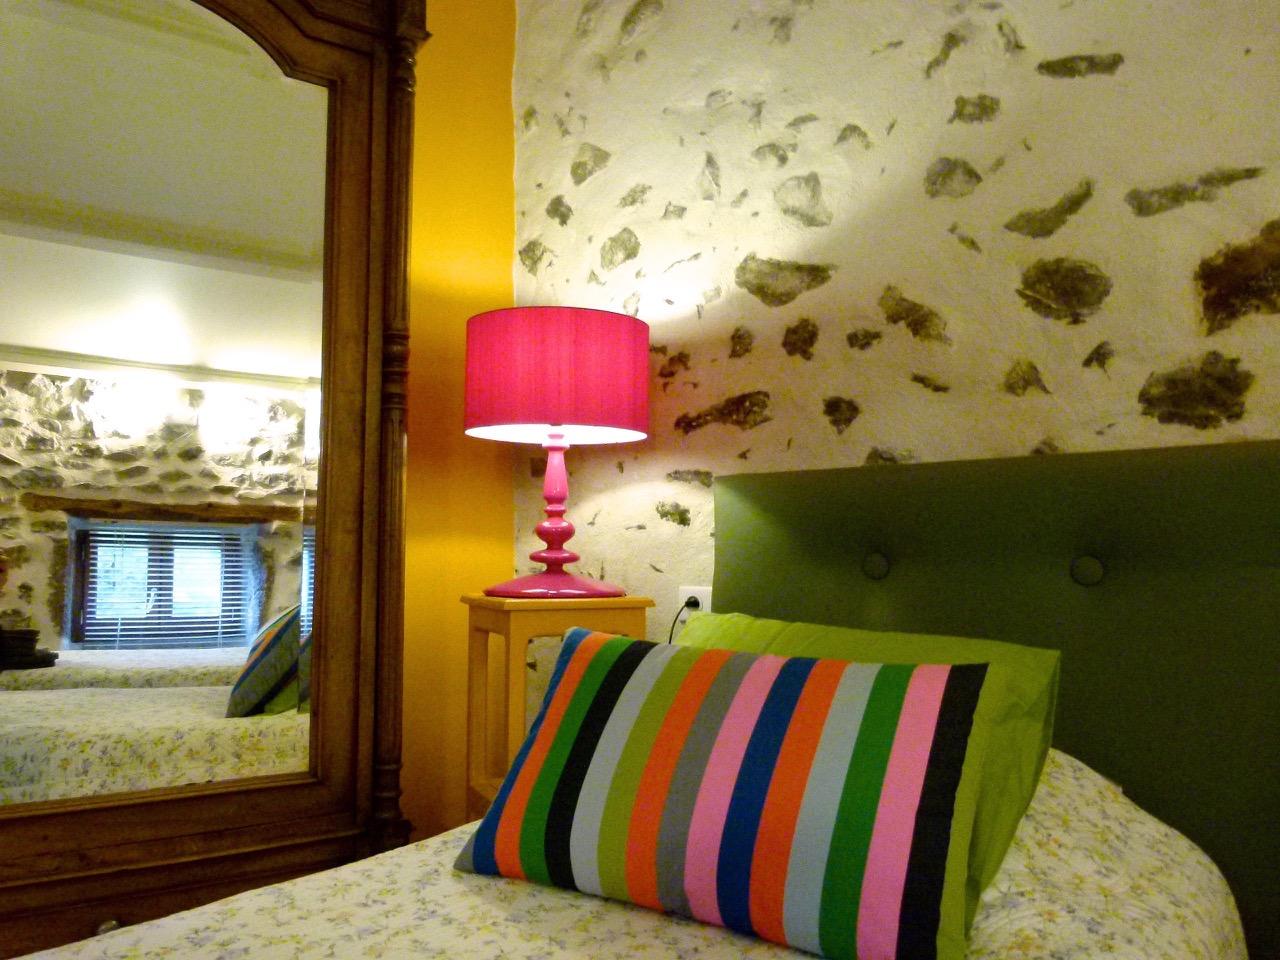 art et cr ation chambre d 39 h tes saint b rain auvergne. Black Bedroom Furniture Sets. Home Design Ideas